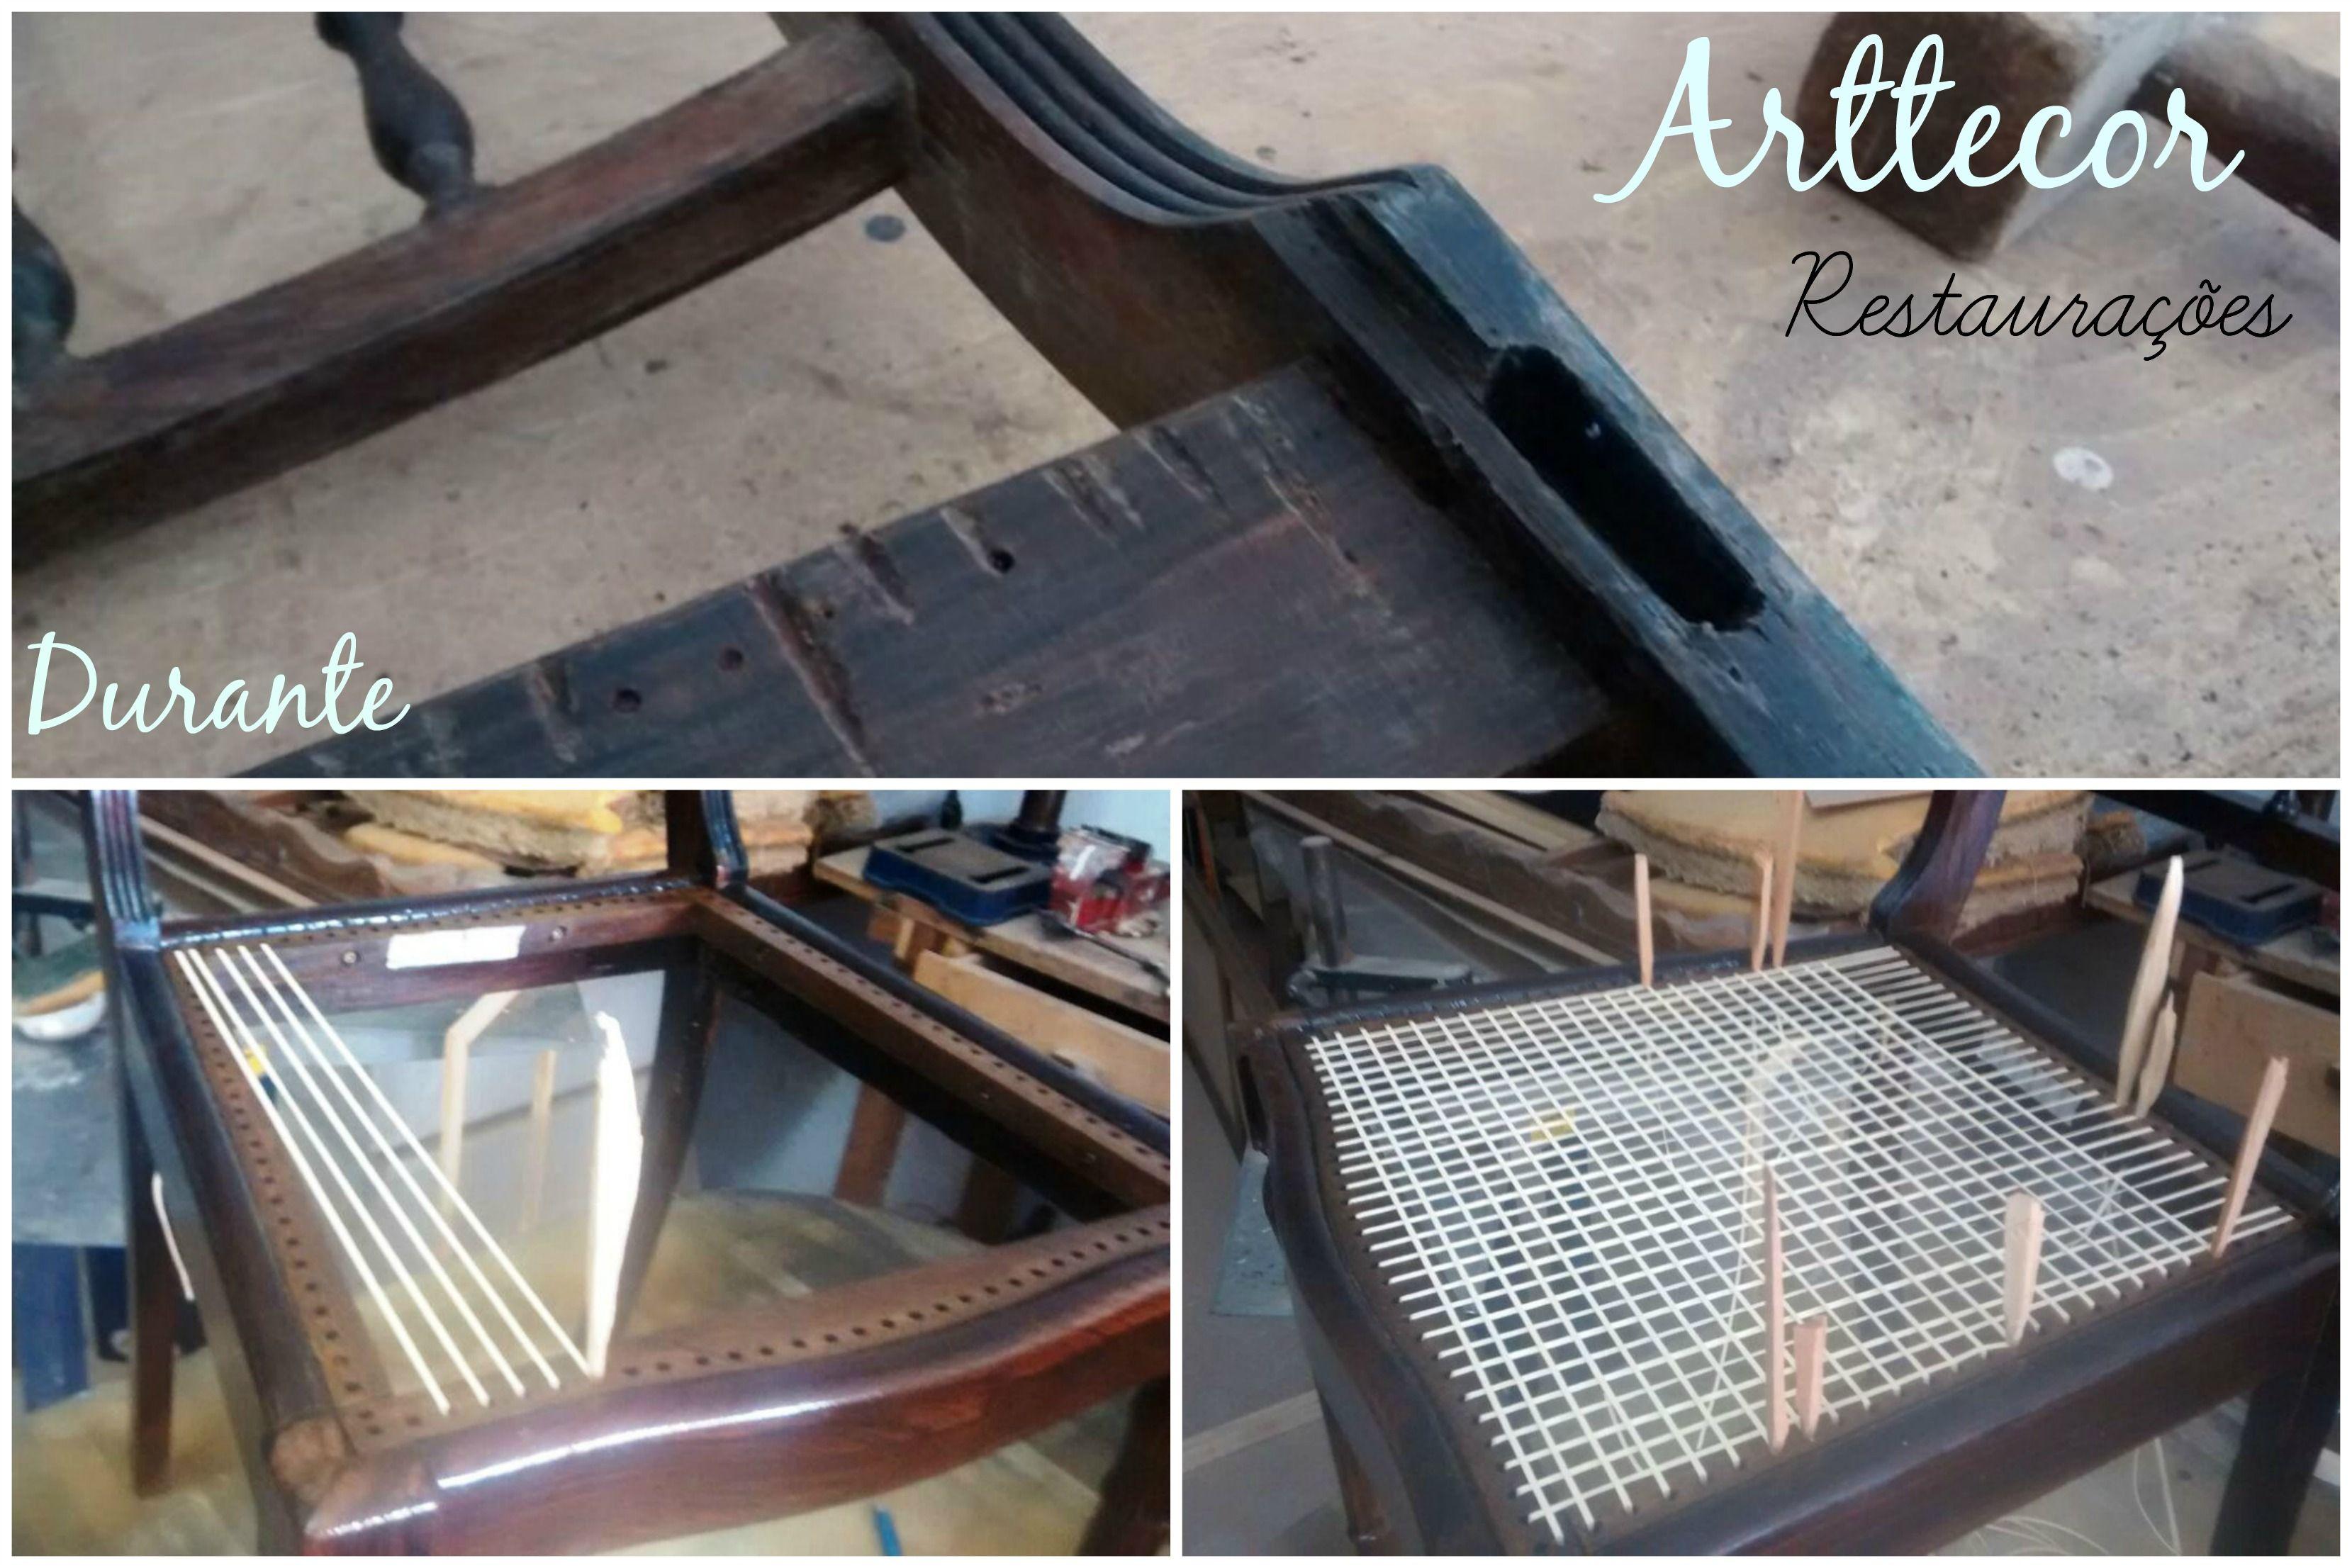 Serviços ARTTECOR Restaurações em Móveis. EMPALHAMOS CADEIRAS! Restaura, pinta, transforma seus móveis!  Orçamentos: arttecor@terra.com.br  Facebook:  https://www.facebook.com/arttecor/